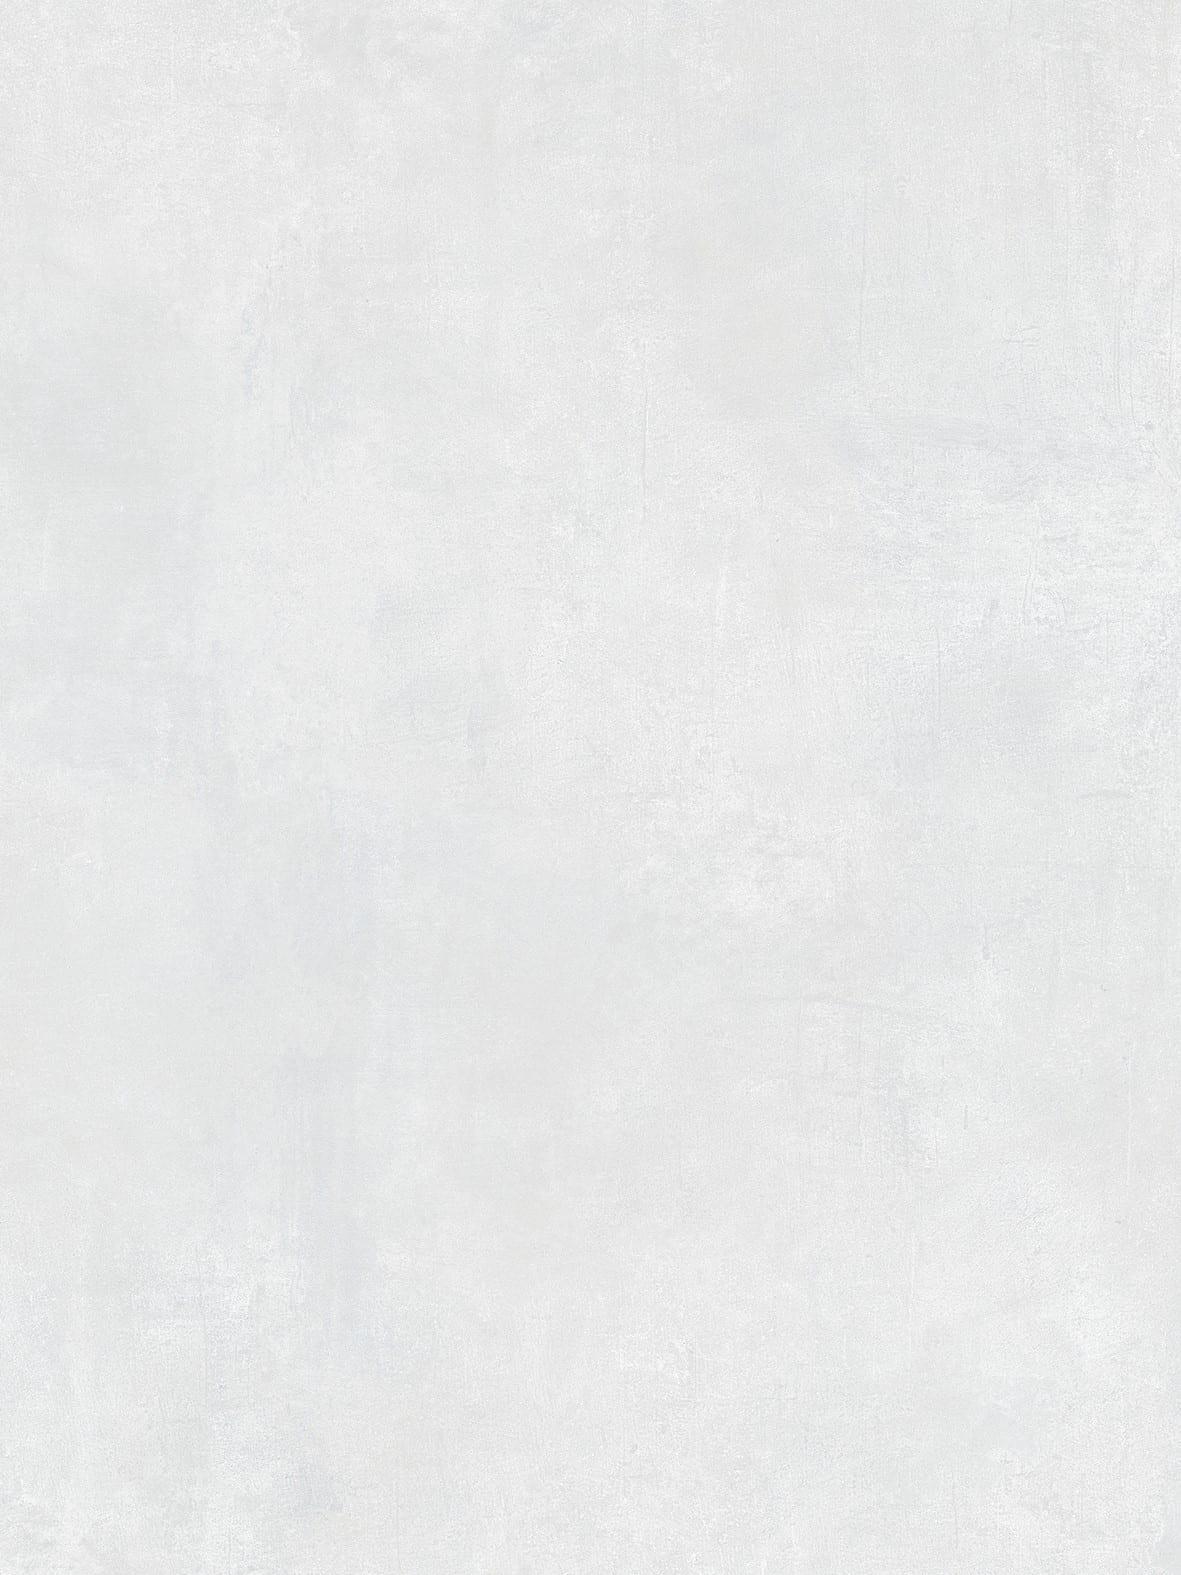 #10 - Cement White